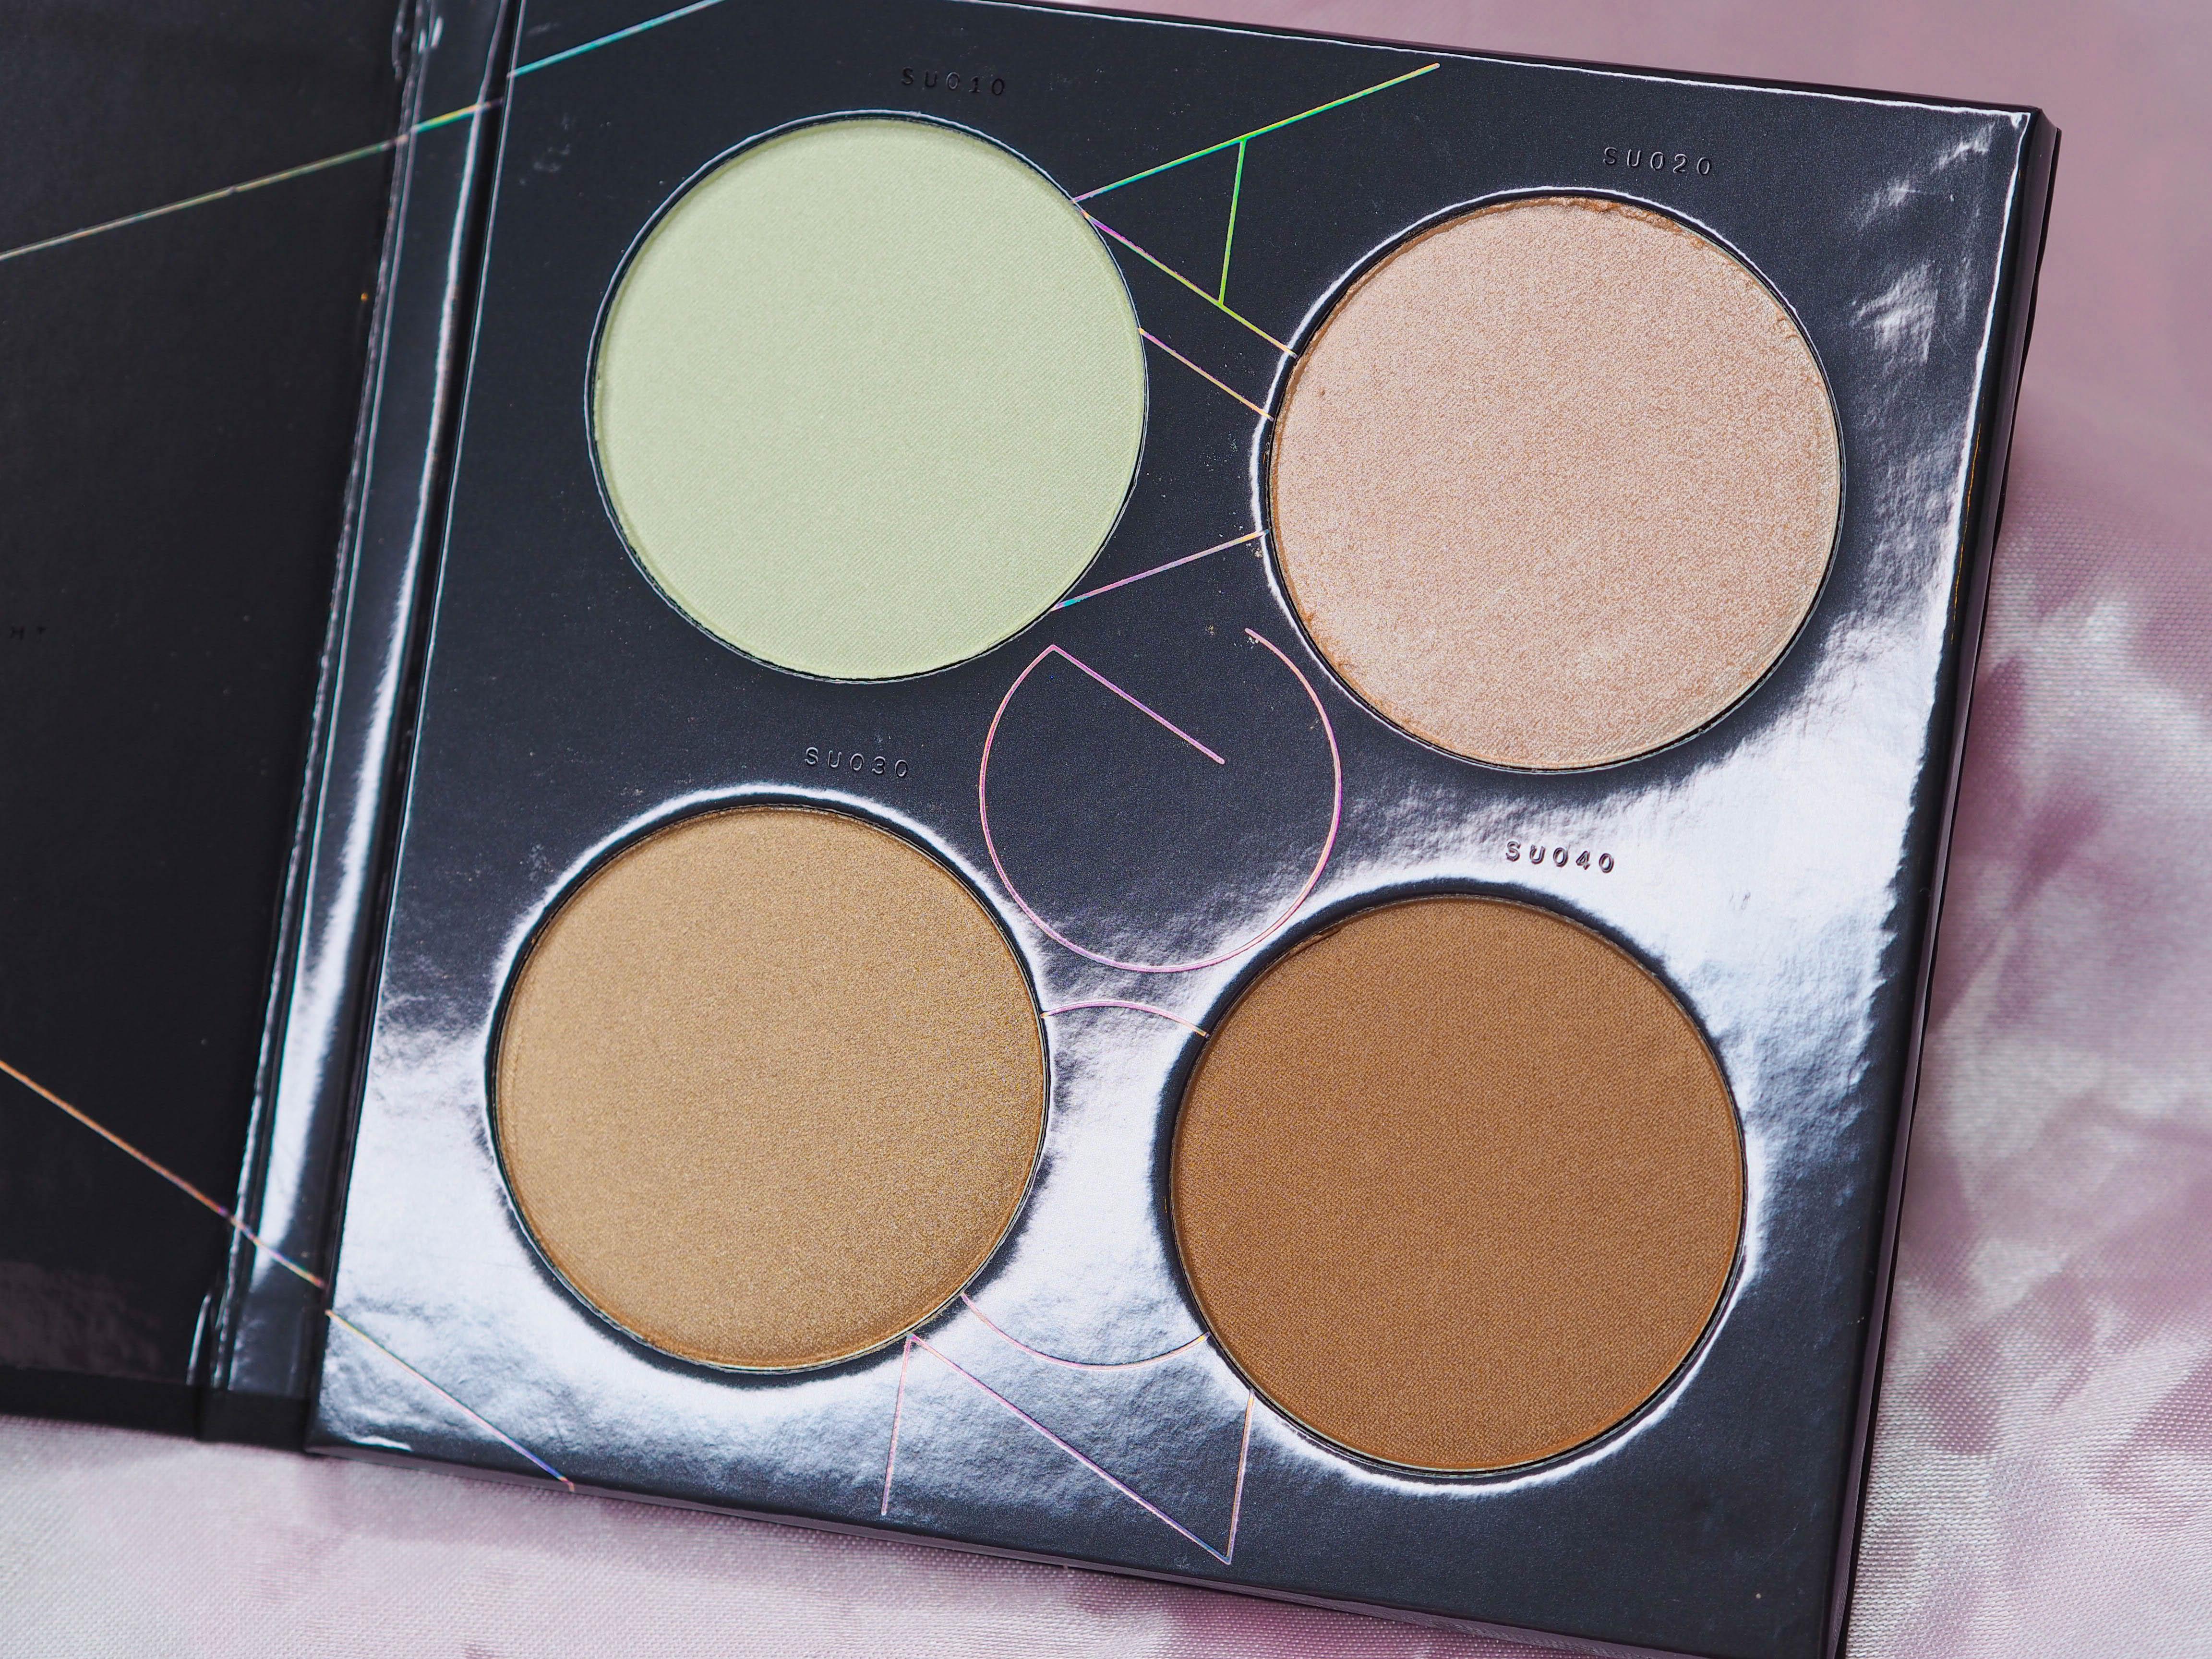 Zoeva Summer Strobe Spectrum Powder Palette